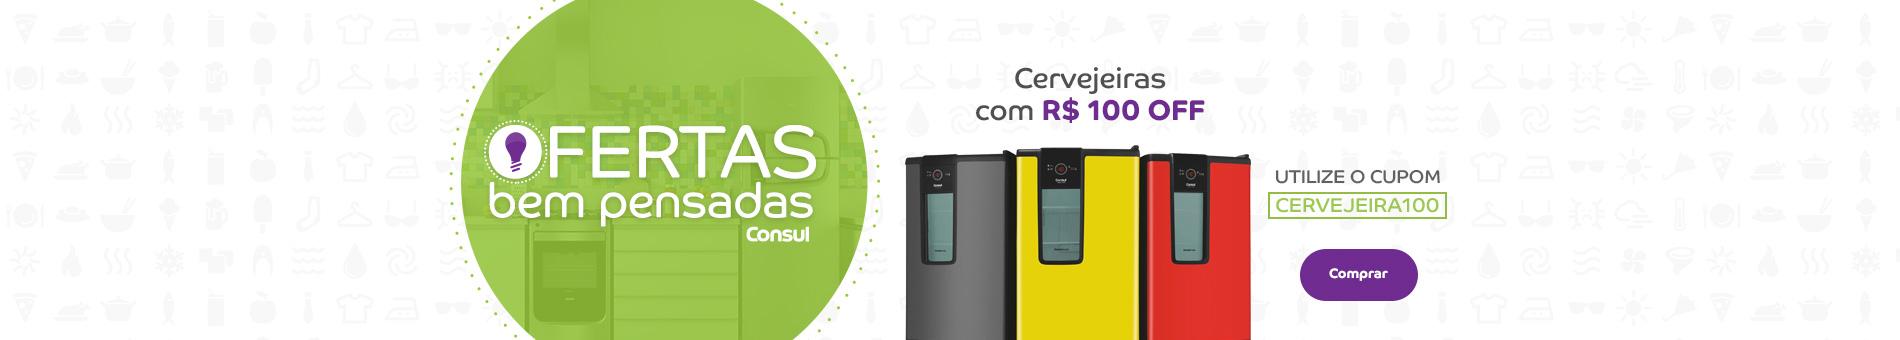 Promoção Interna - 1535 - ofertas_cervejeira-cupom_27032017_home6 - cervejeira-cupom - 6